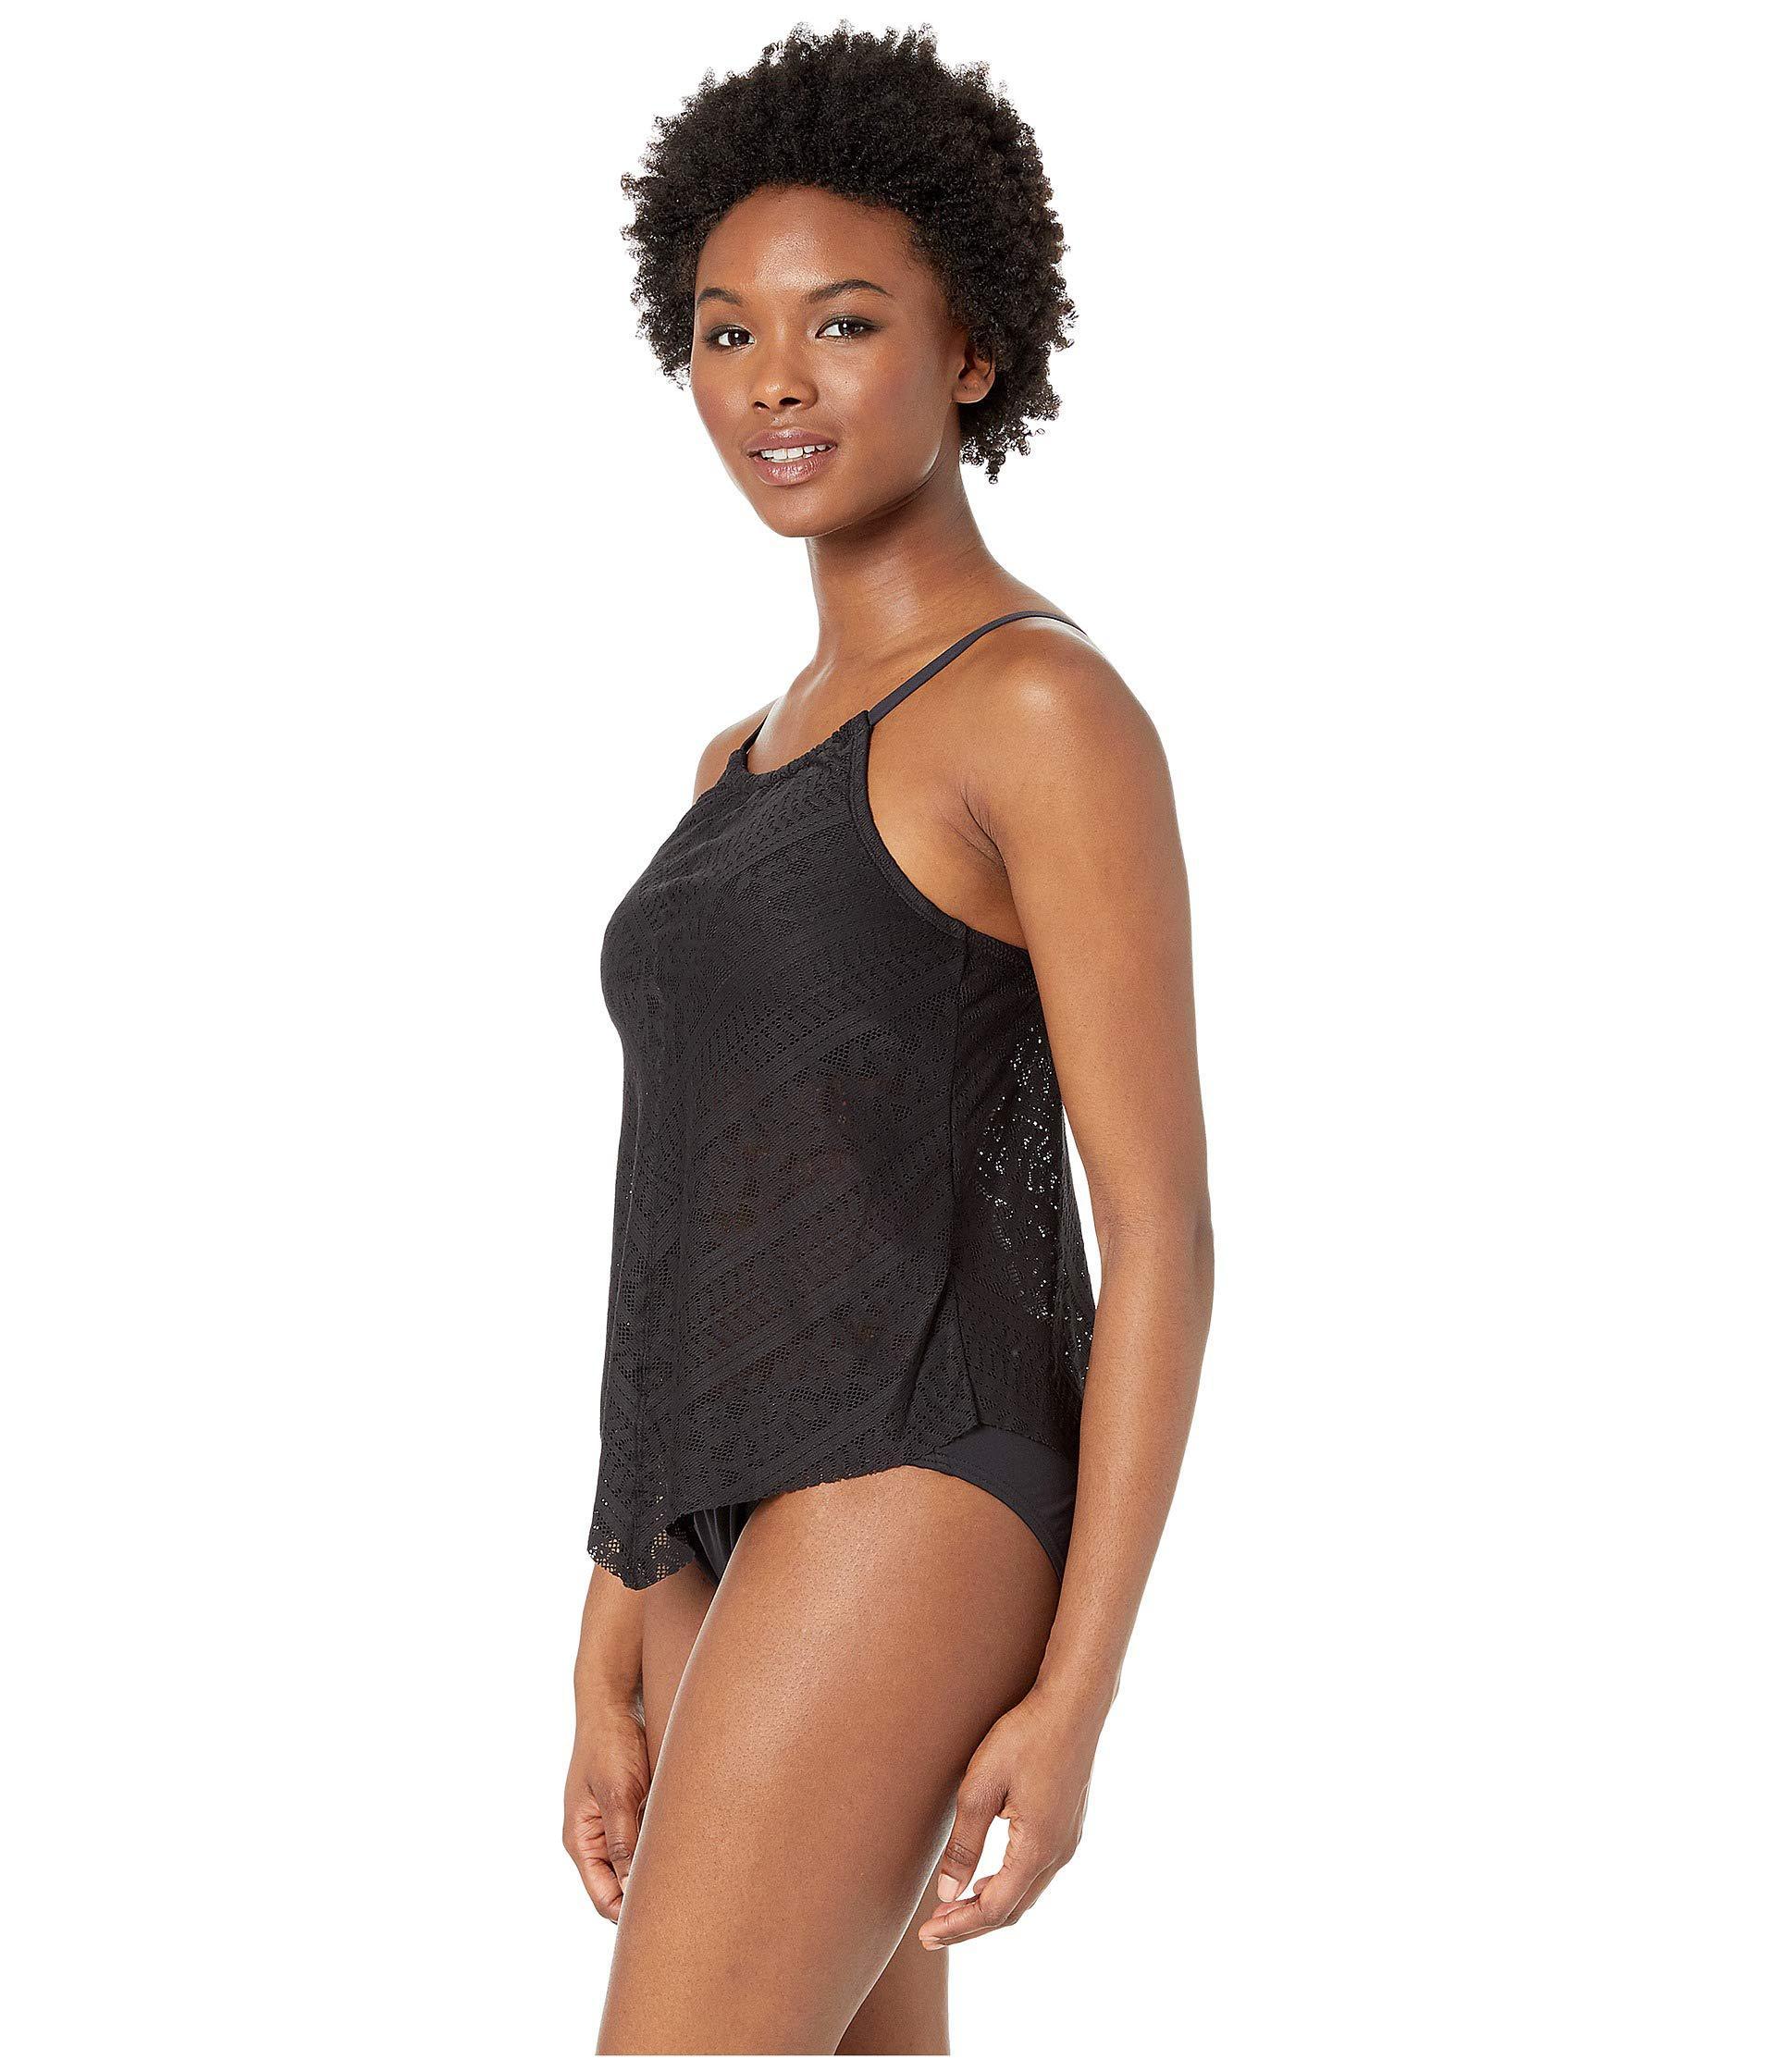 42d104fabe5e7 Lyst - Bleu Rod Beattie Chic Peek Fly Away High Neck W/ Removable Cups  (navy) Women's Swimwear in Black